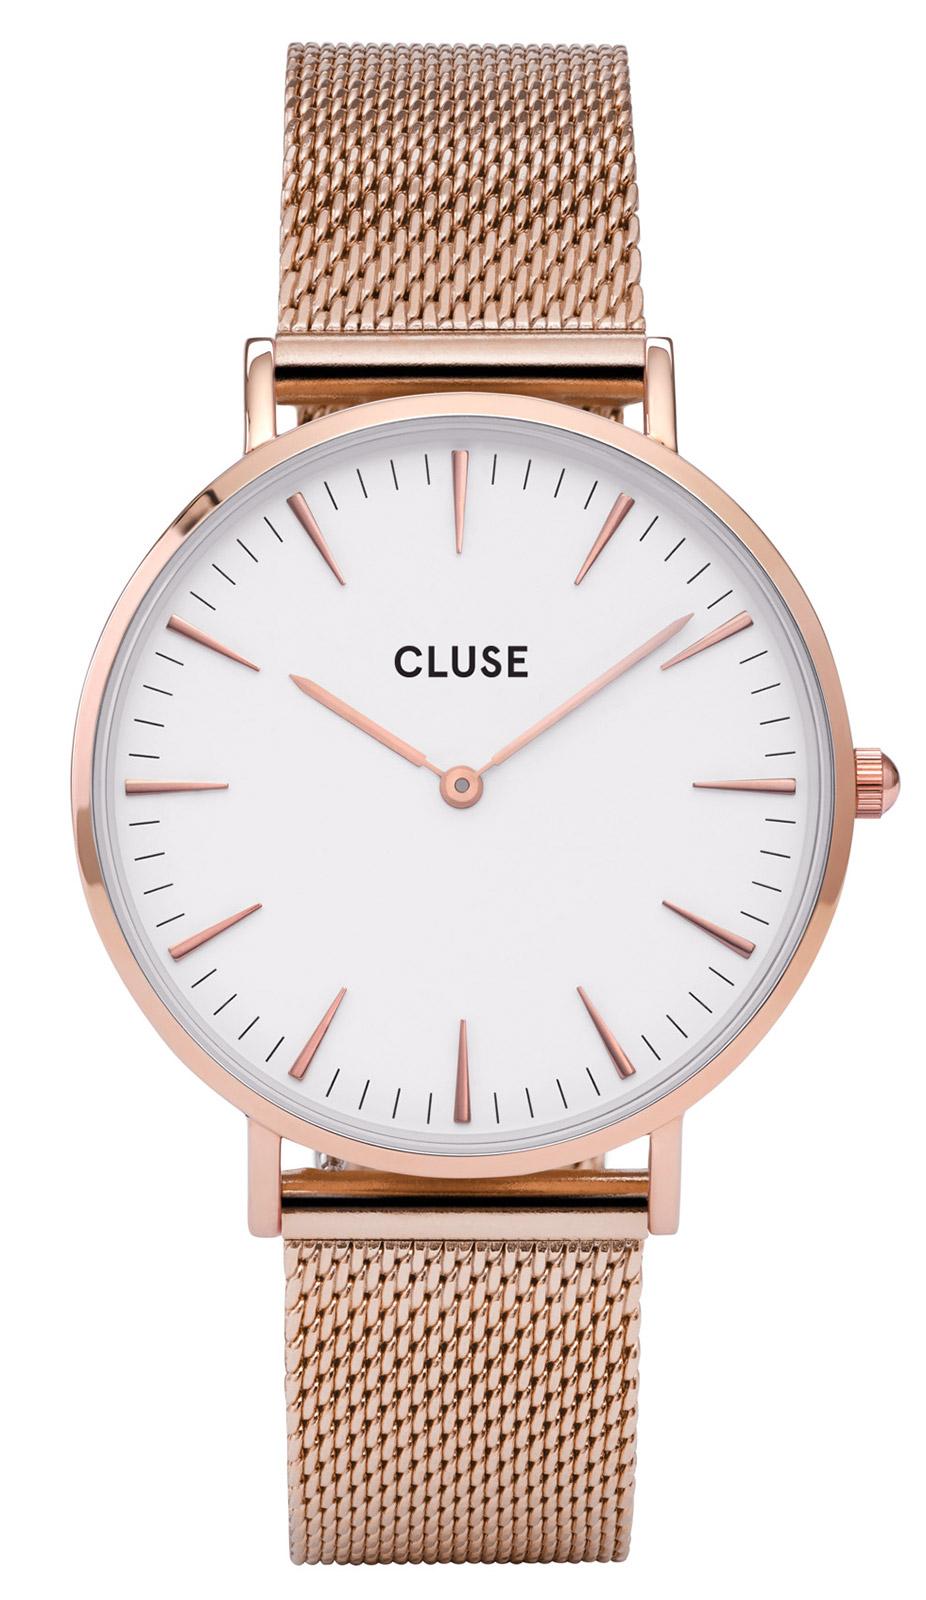 cluse uhren g nstig kaufen uhrcenter armbanduhren shop. Black Bedroom Furniture Sets. Home Design Ideas